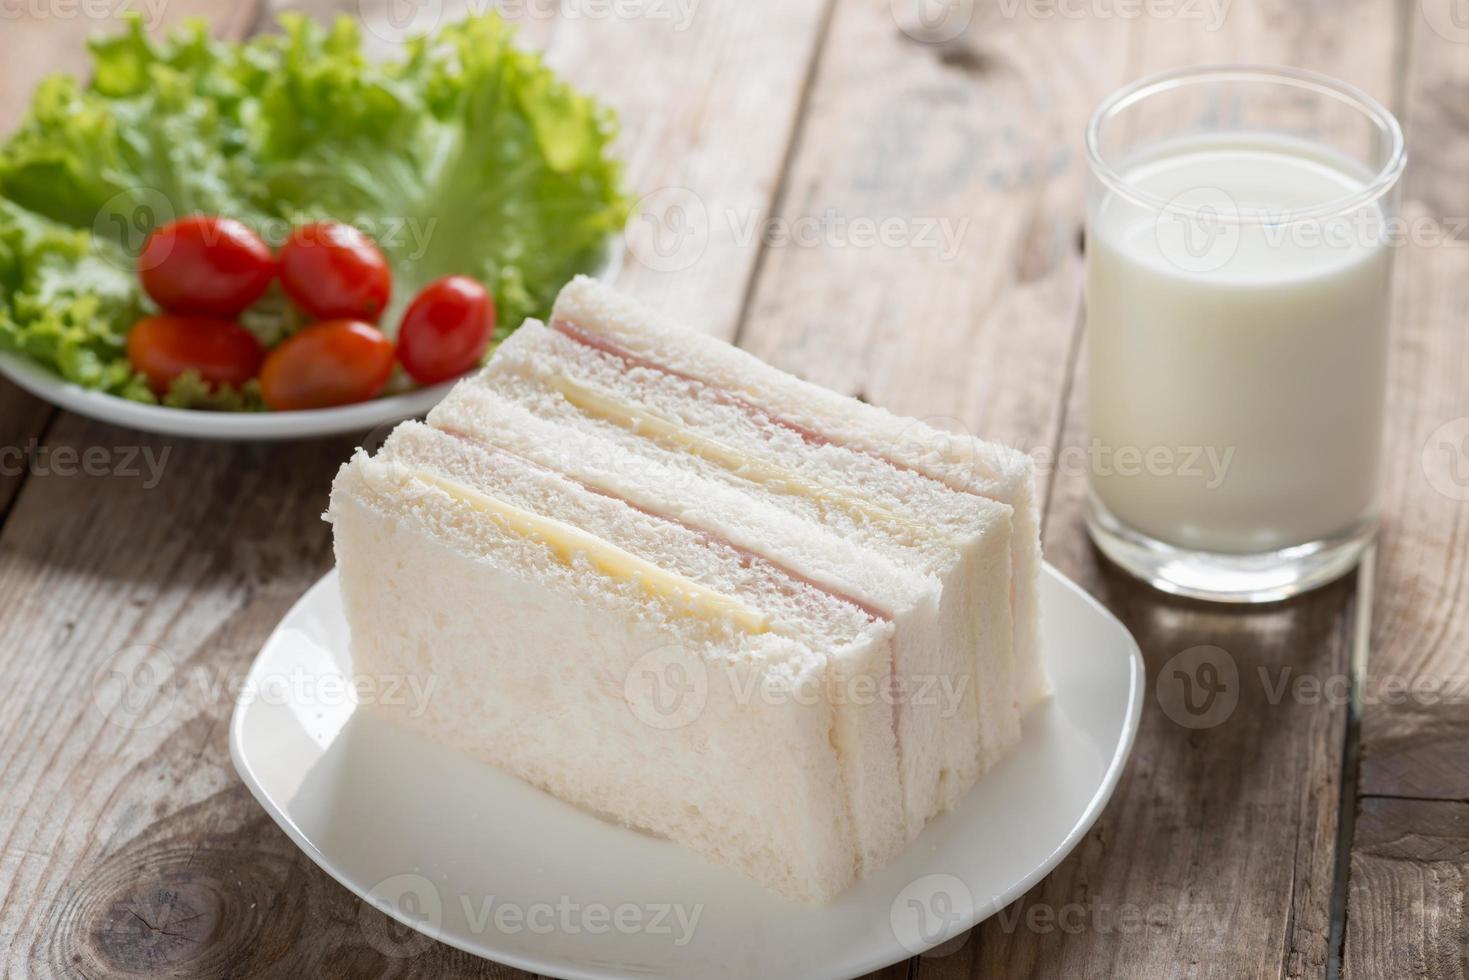 sandwich, jamón con queso y leche en la mesa de madera. foto